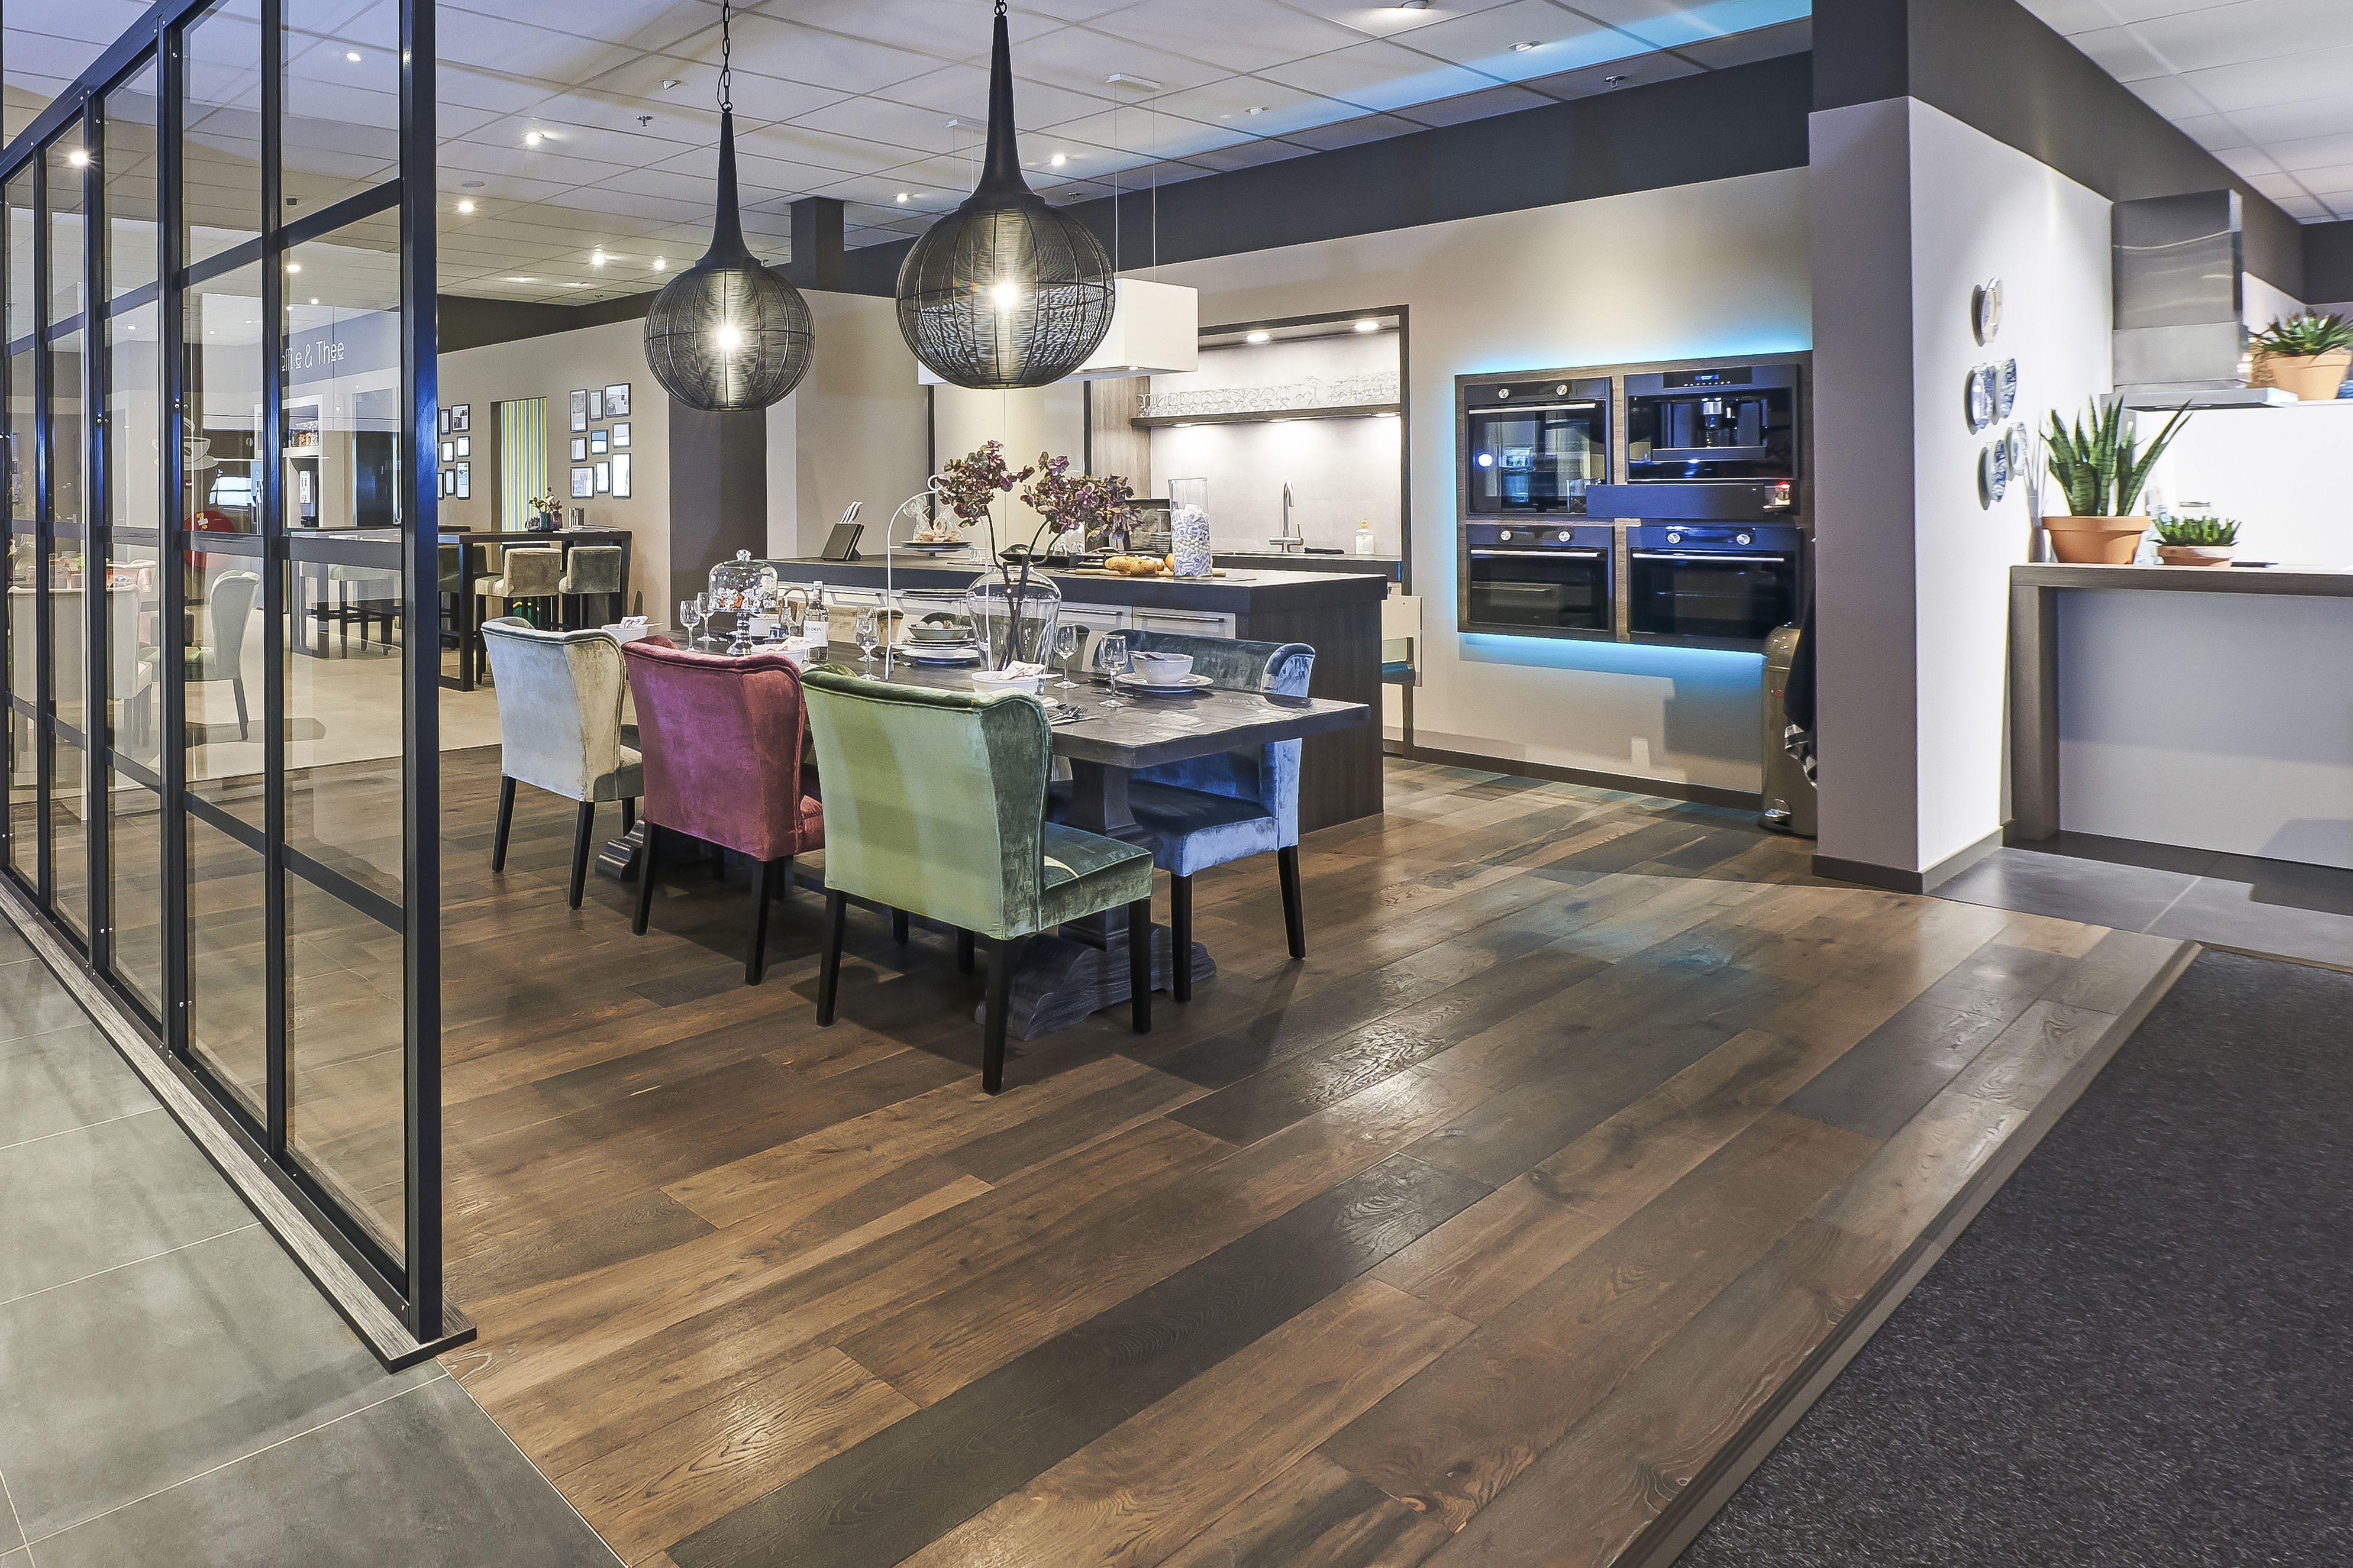 Avanti Keukens Kesteren : Een overzicht van de showroom van avanti keukens in kesteren